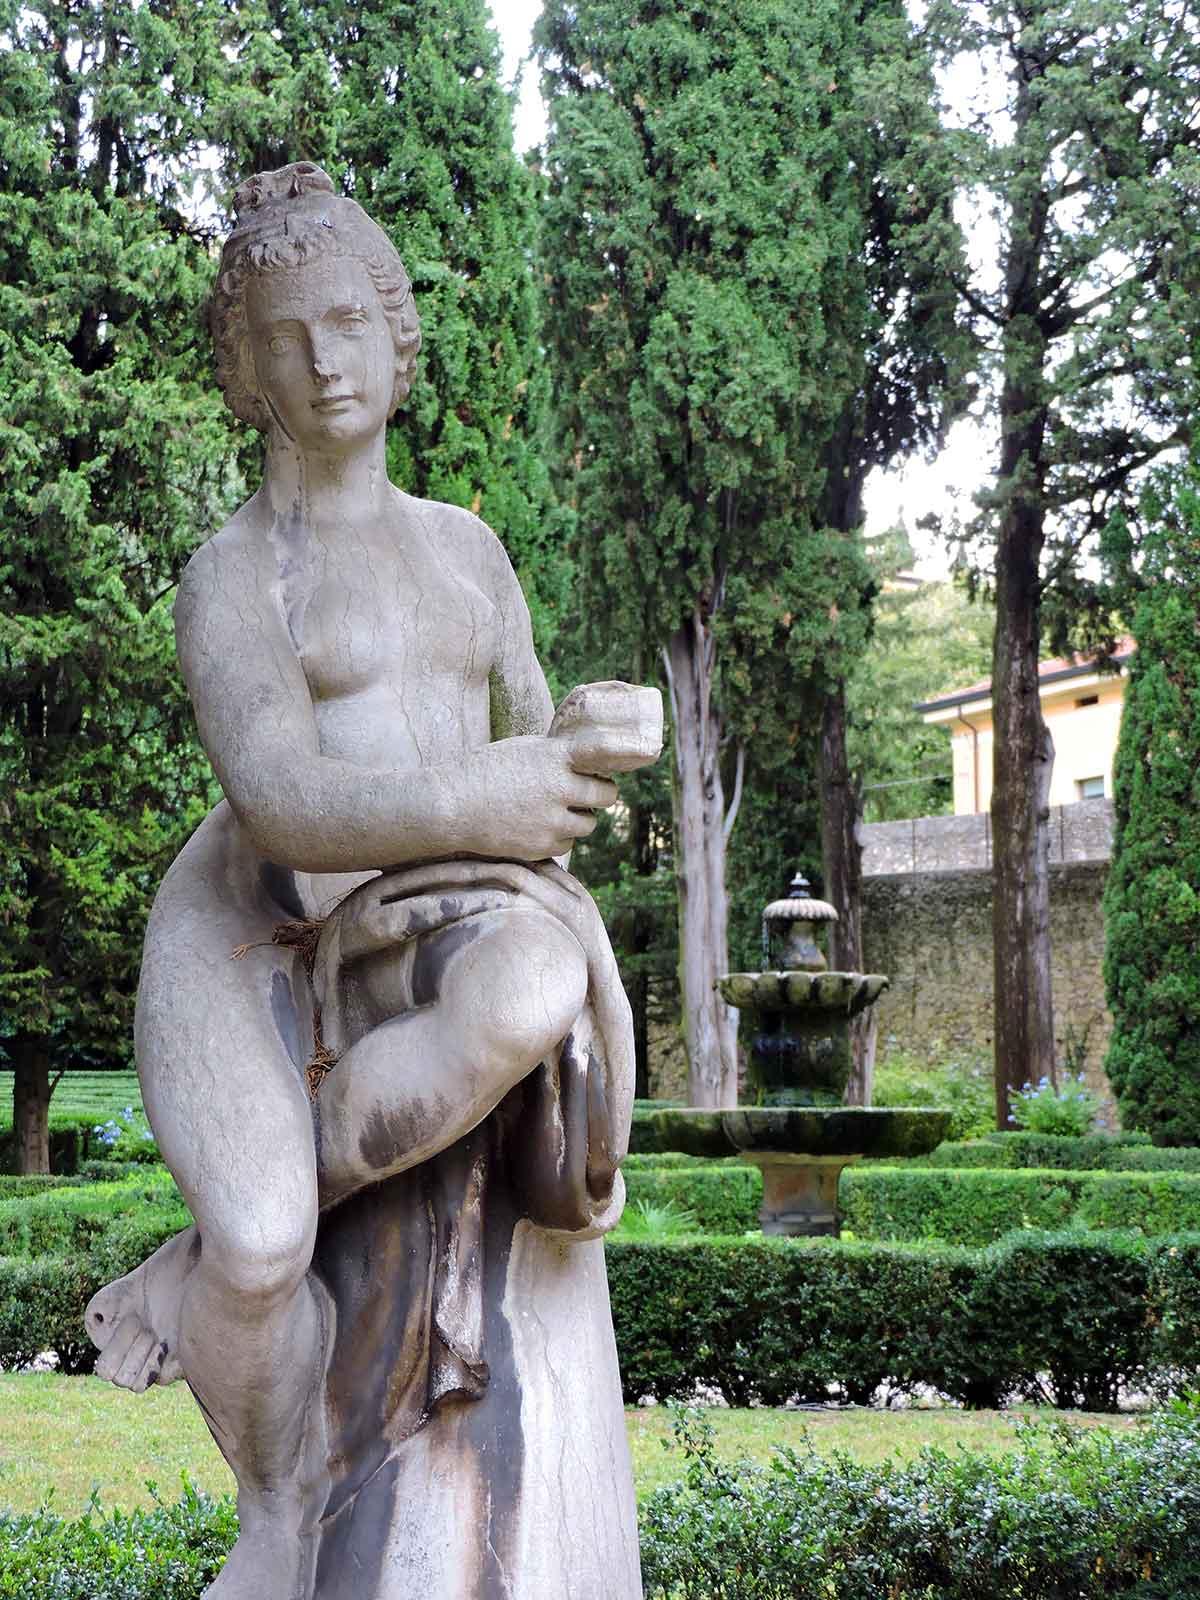 Statue in Giardino Giusti in Verona, Italy